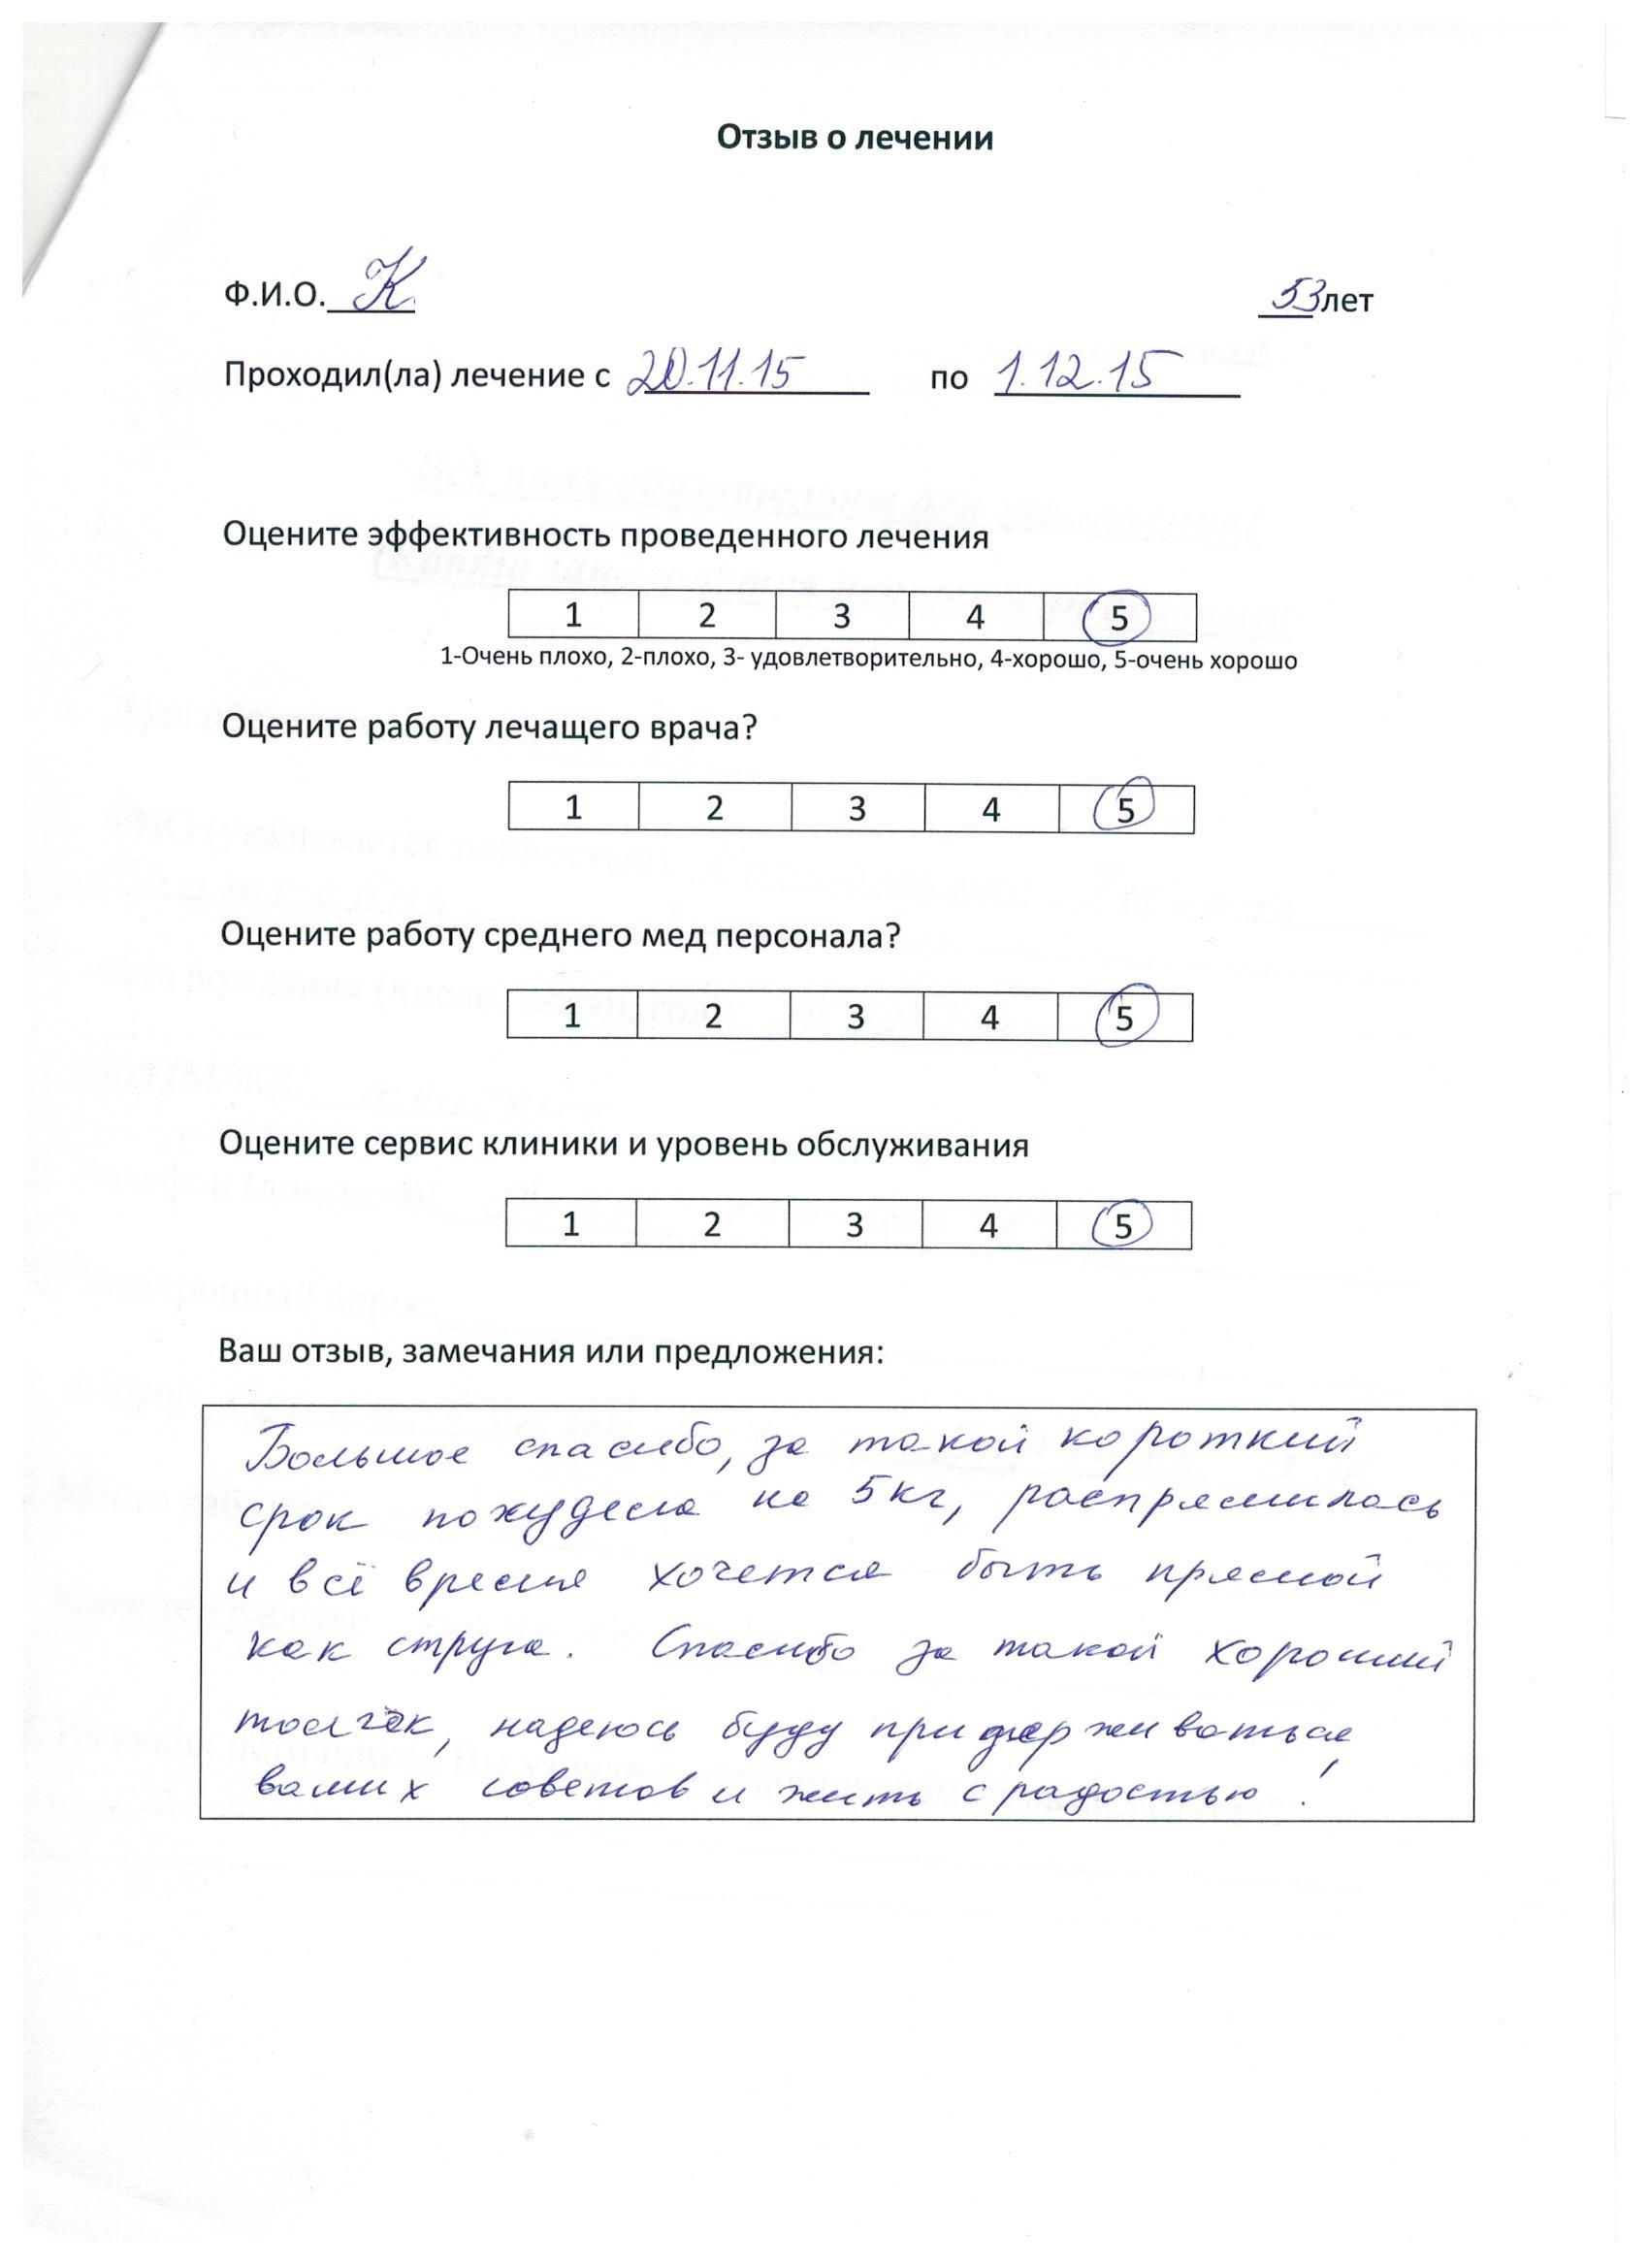 feedback_13